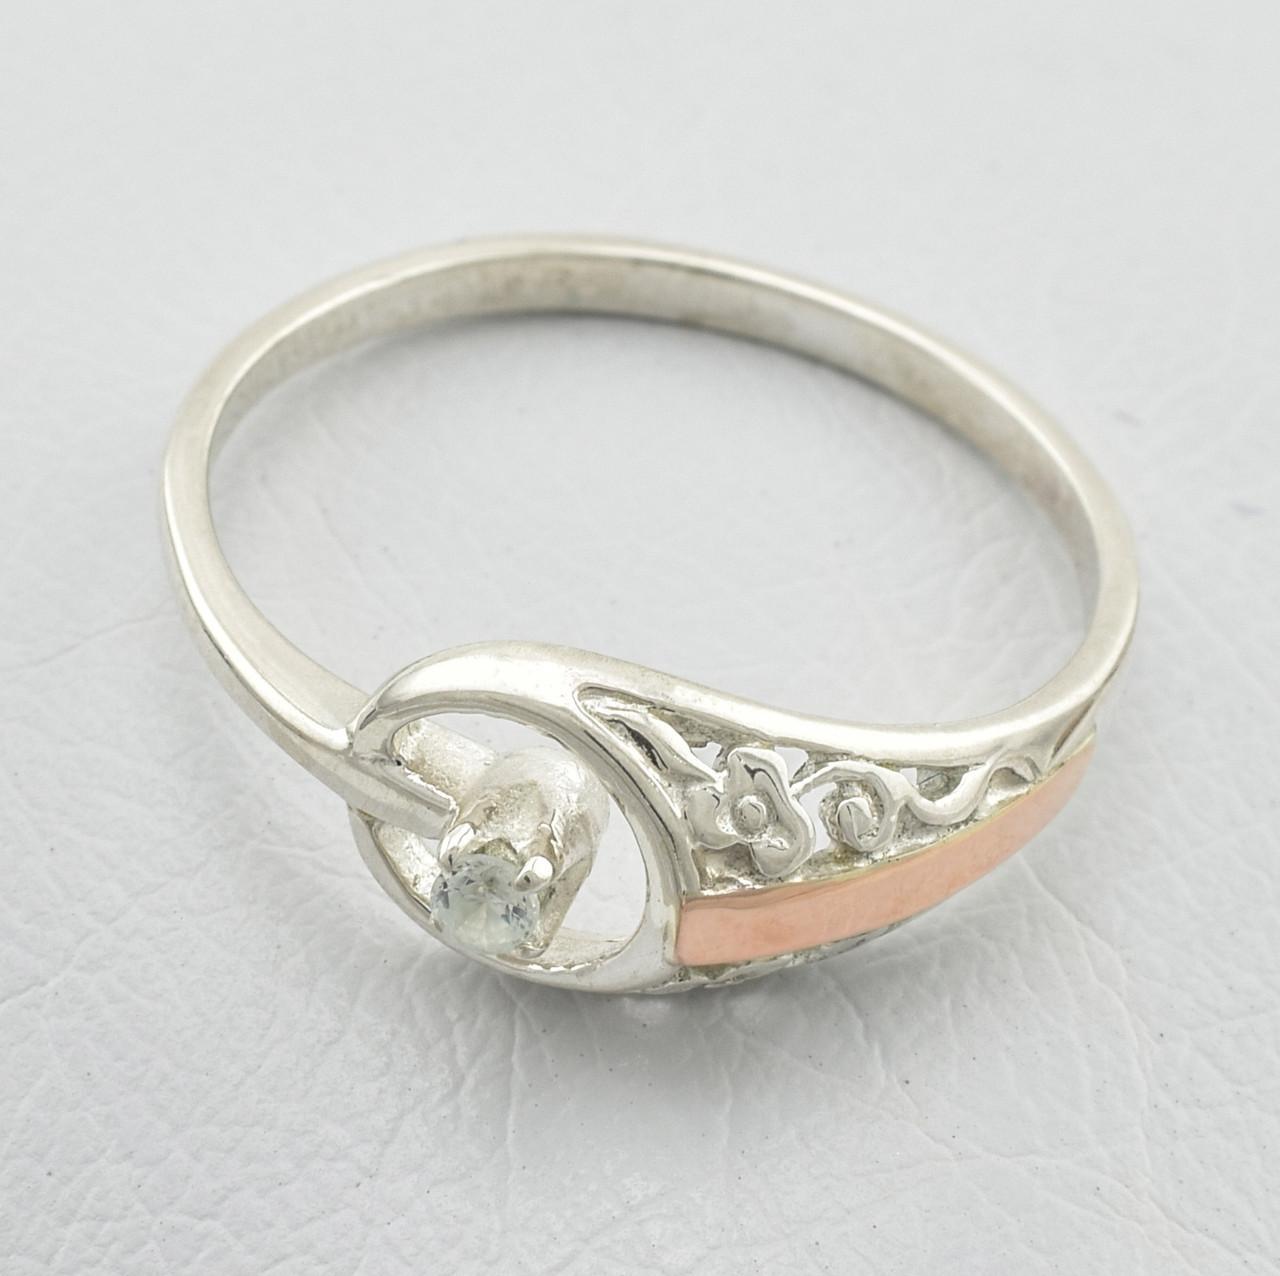 Серебряное кольцо с золотом Сюрприз вставка белые фианиты вес 1.53 г размер 16